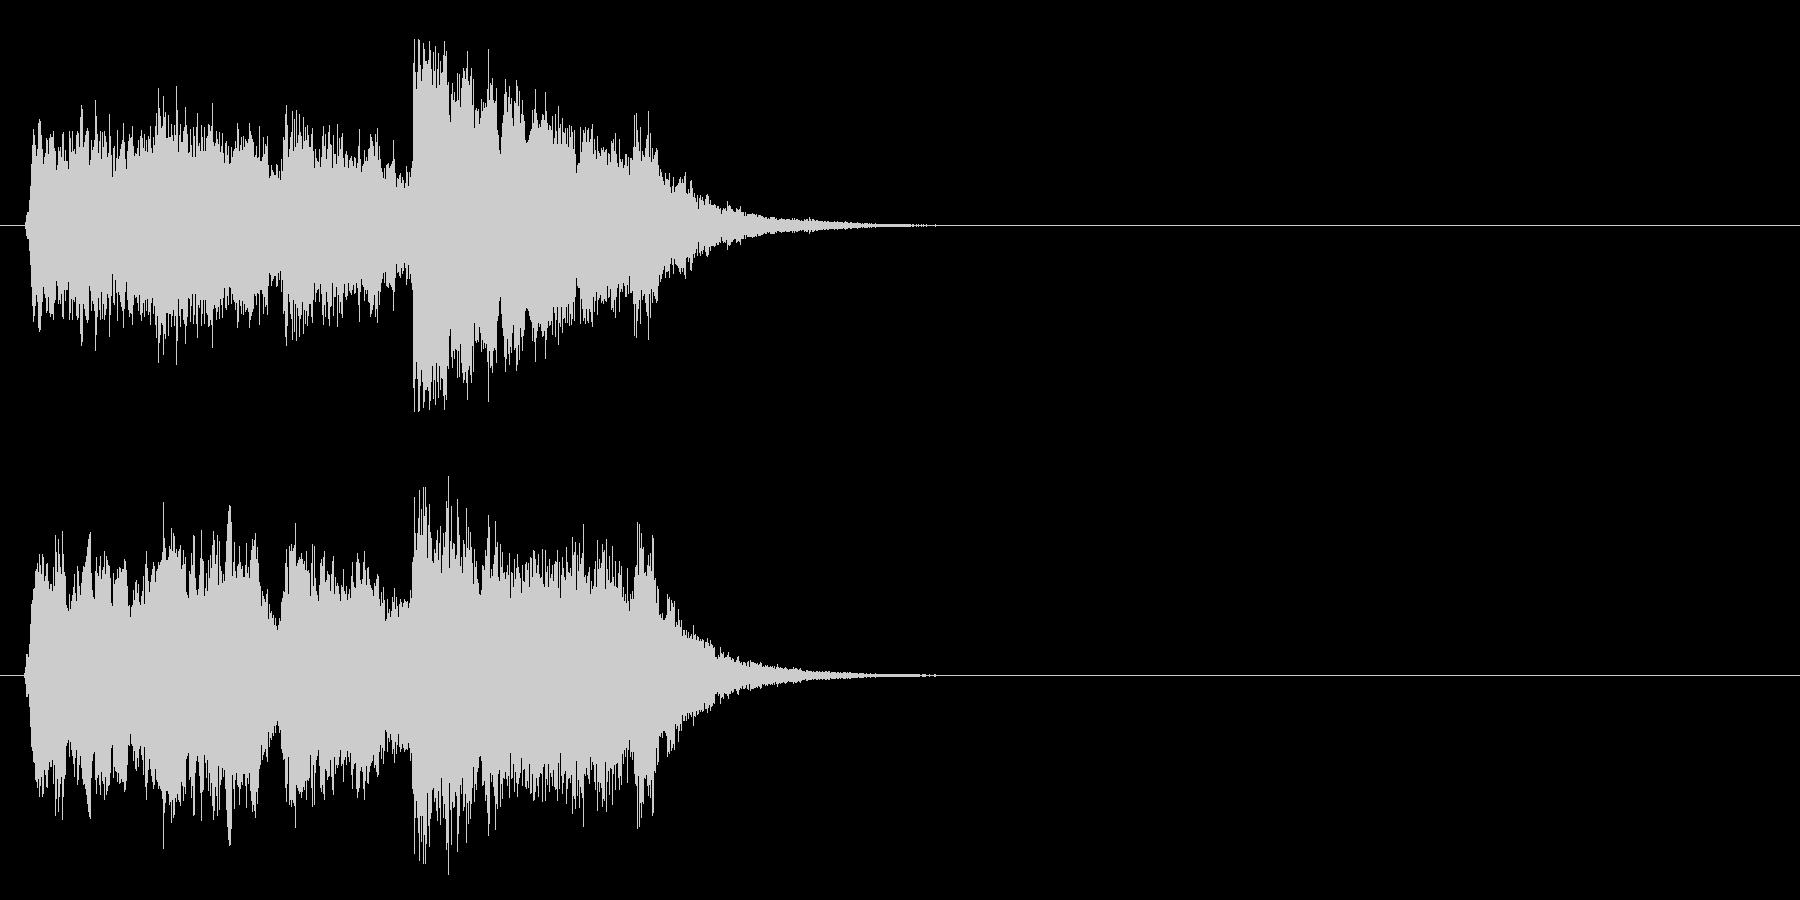 ジングル/アタック(聡明なチャイム風)の未再生の波形